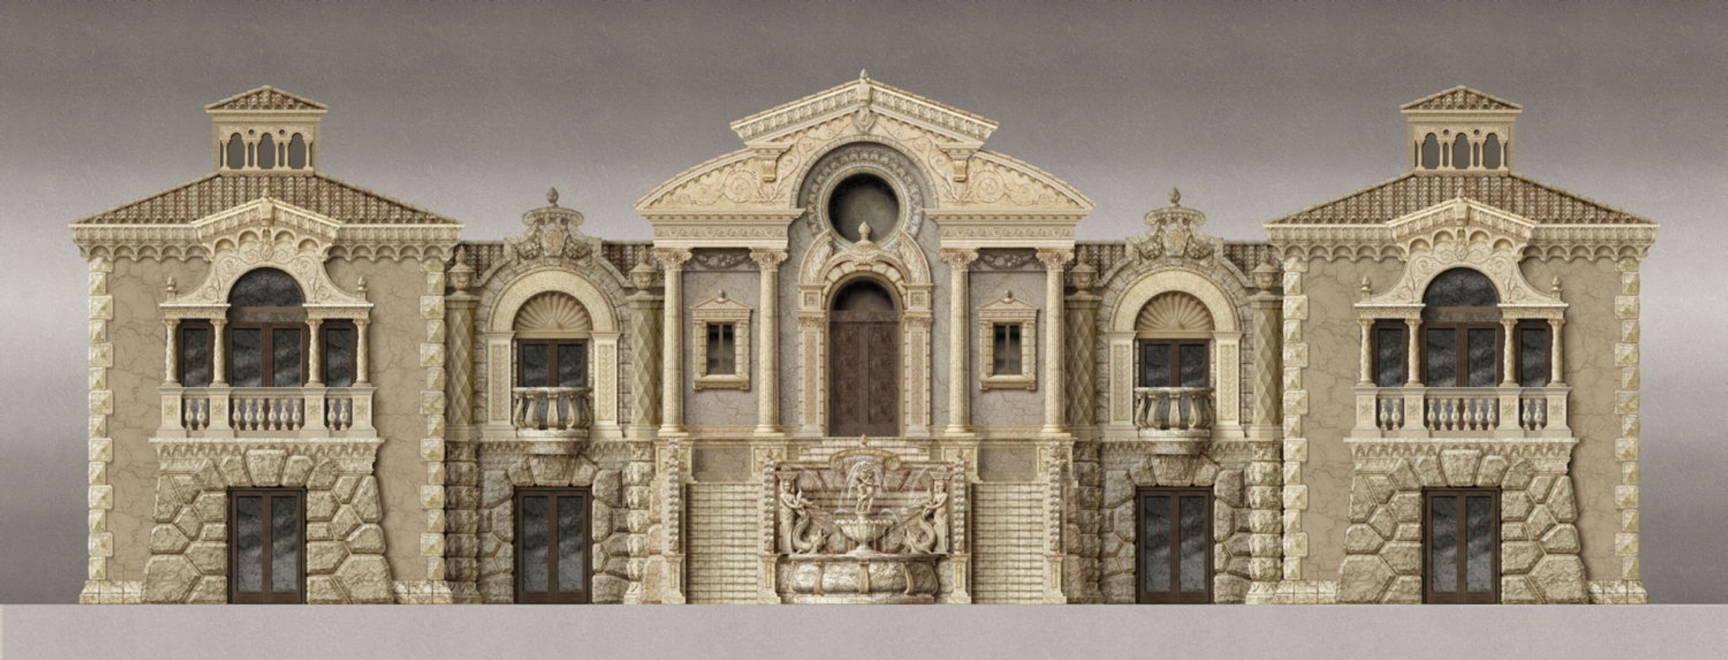 Architecture & architectural design by Kurt Wenner